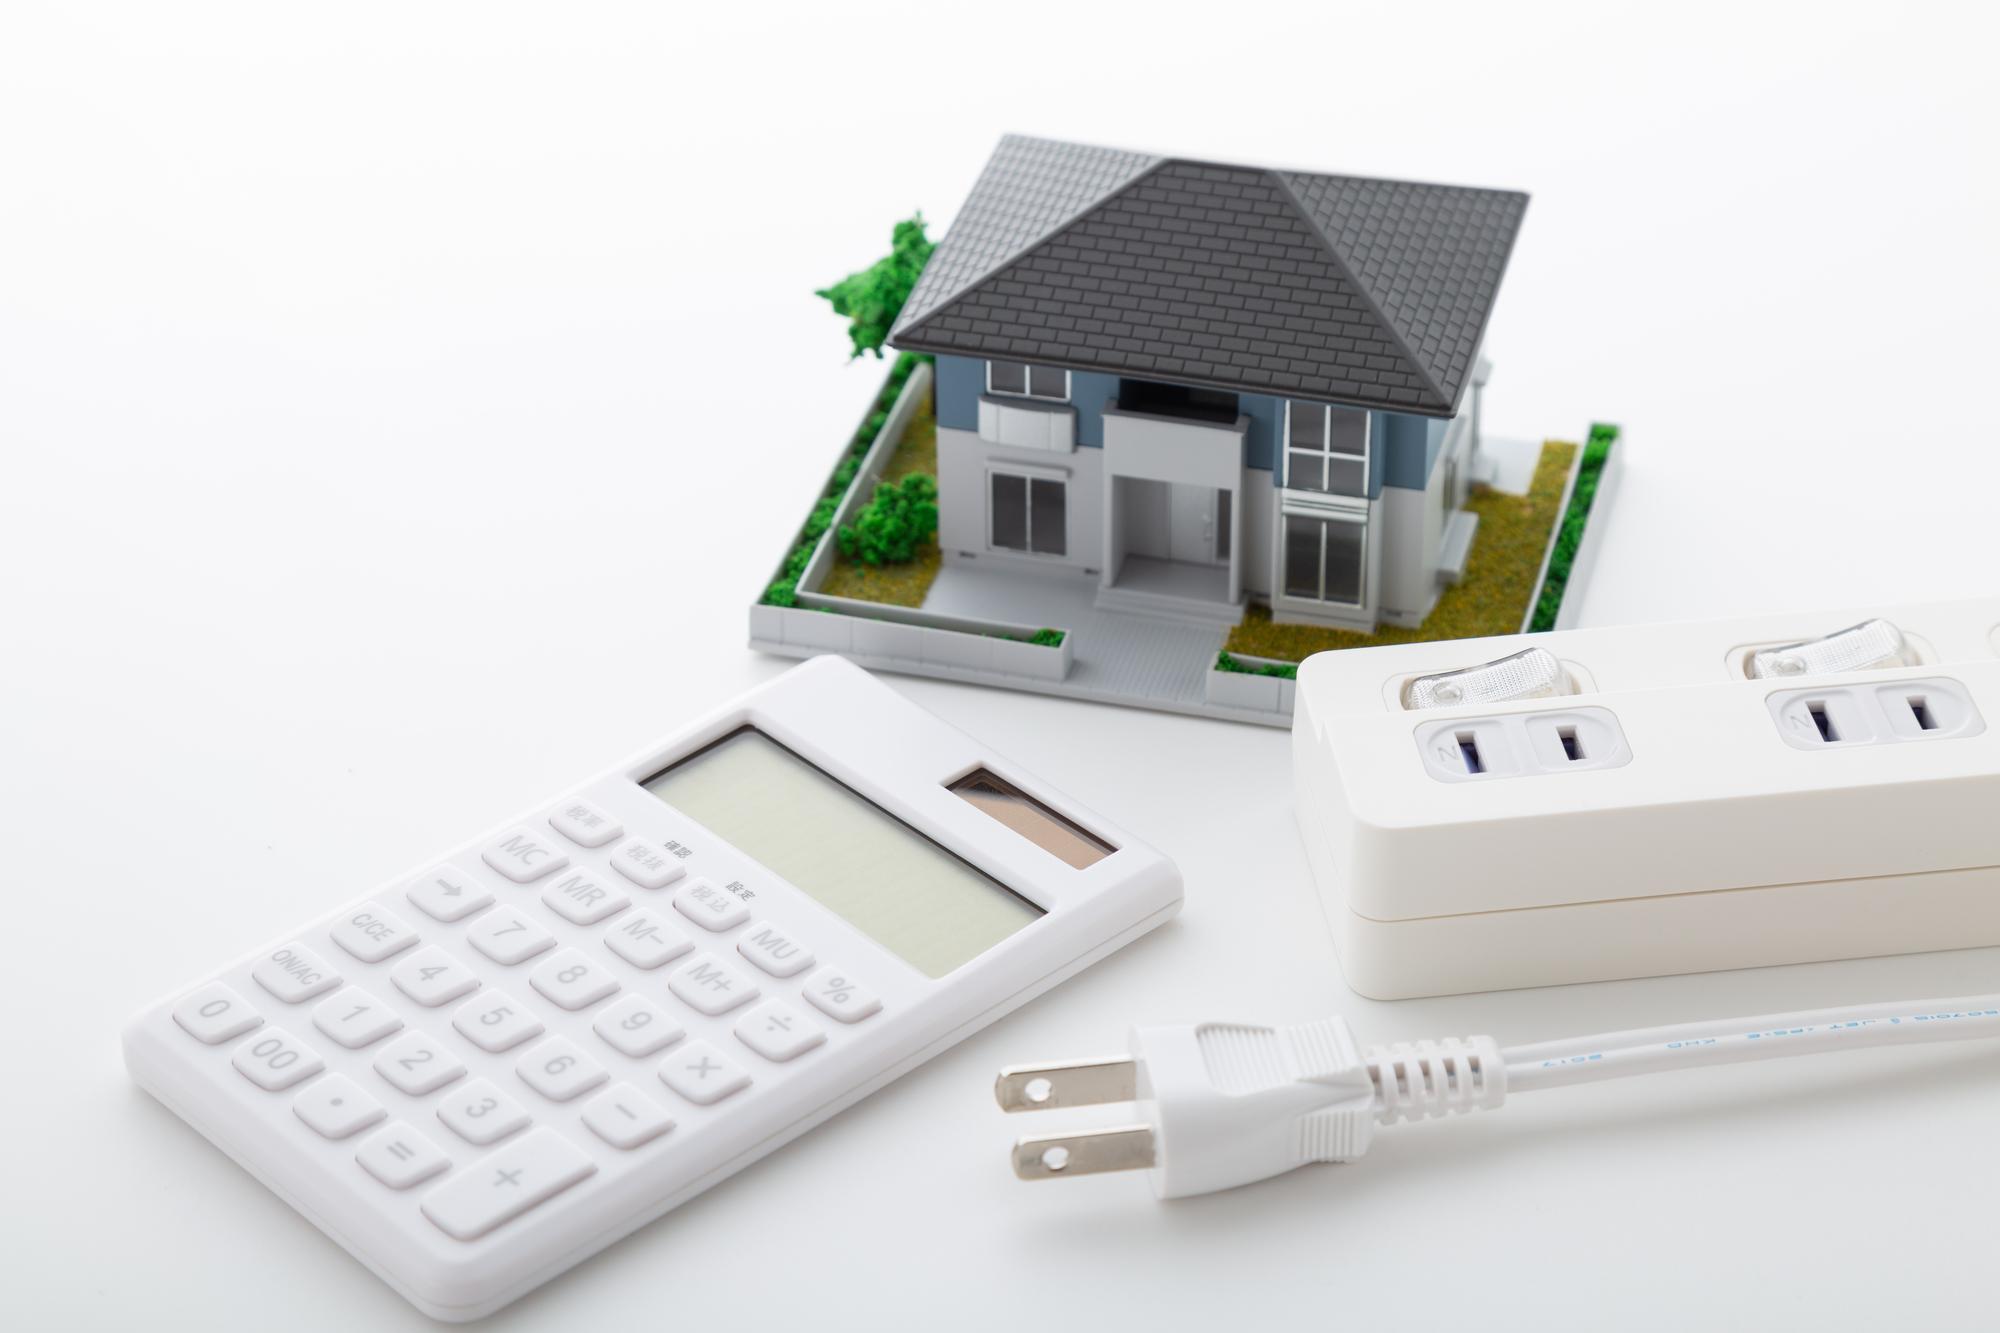 08_根本から電気代節約!電気料金を安くする4つの方法